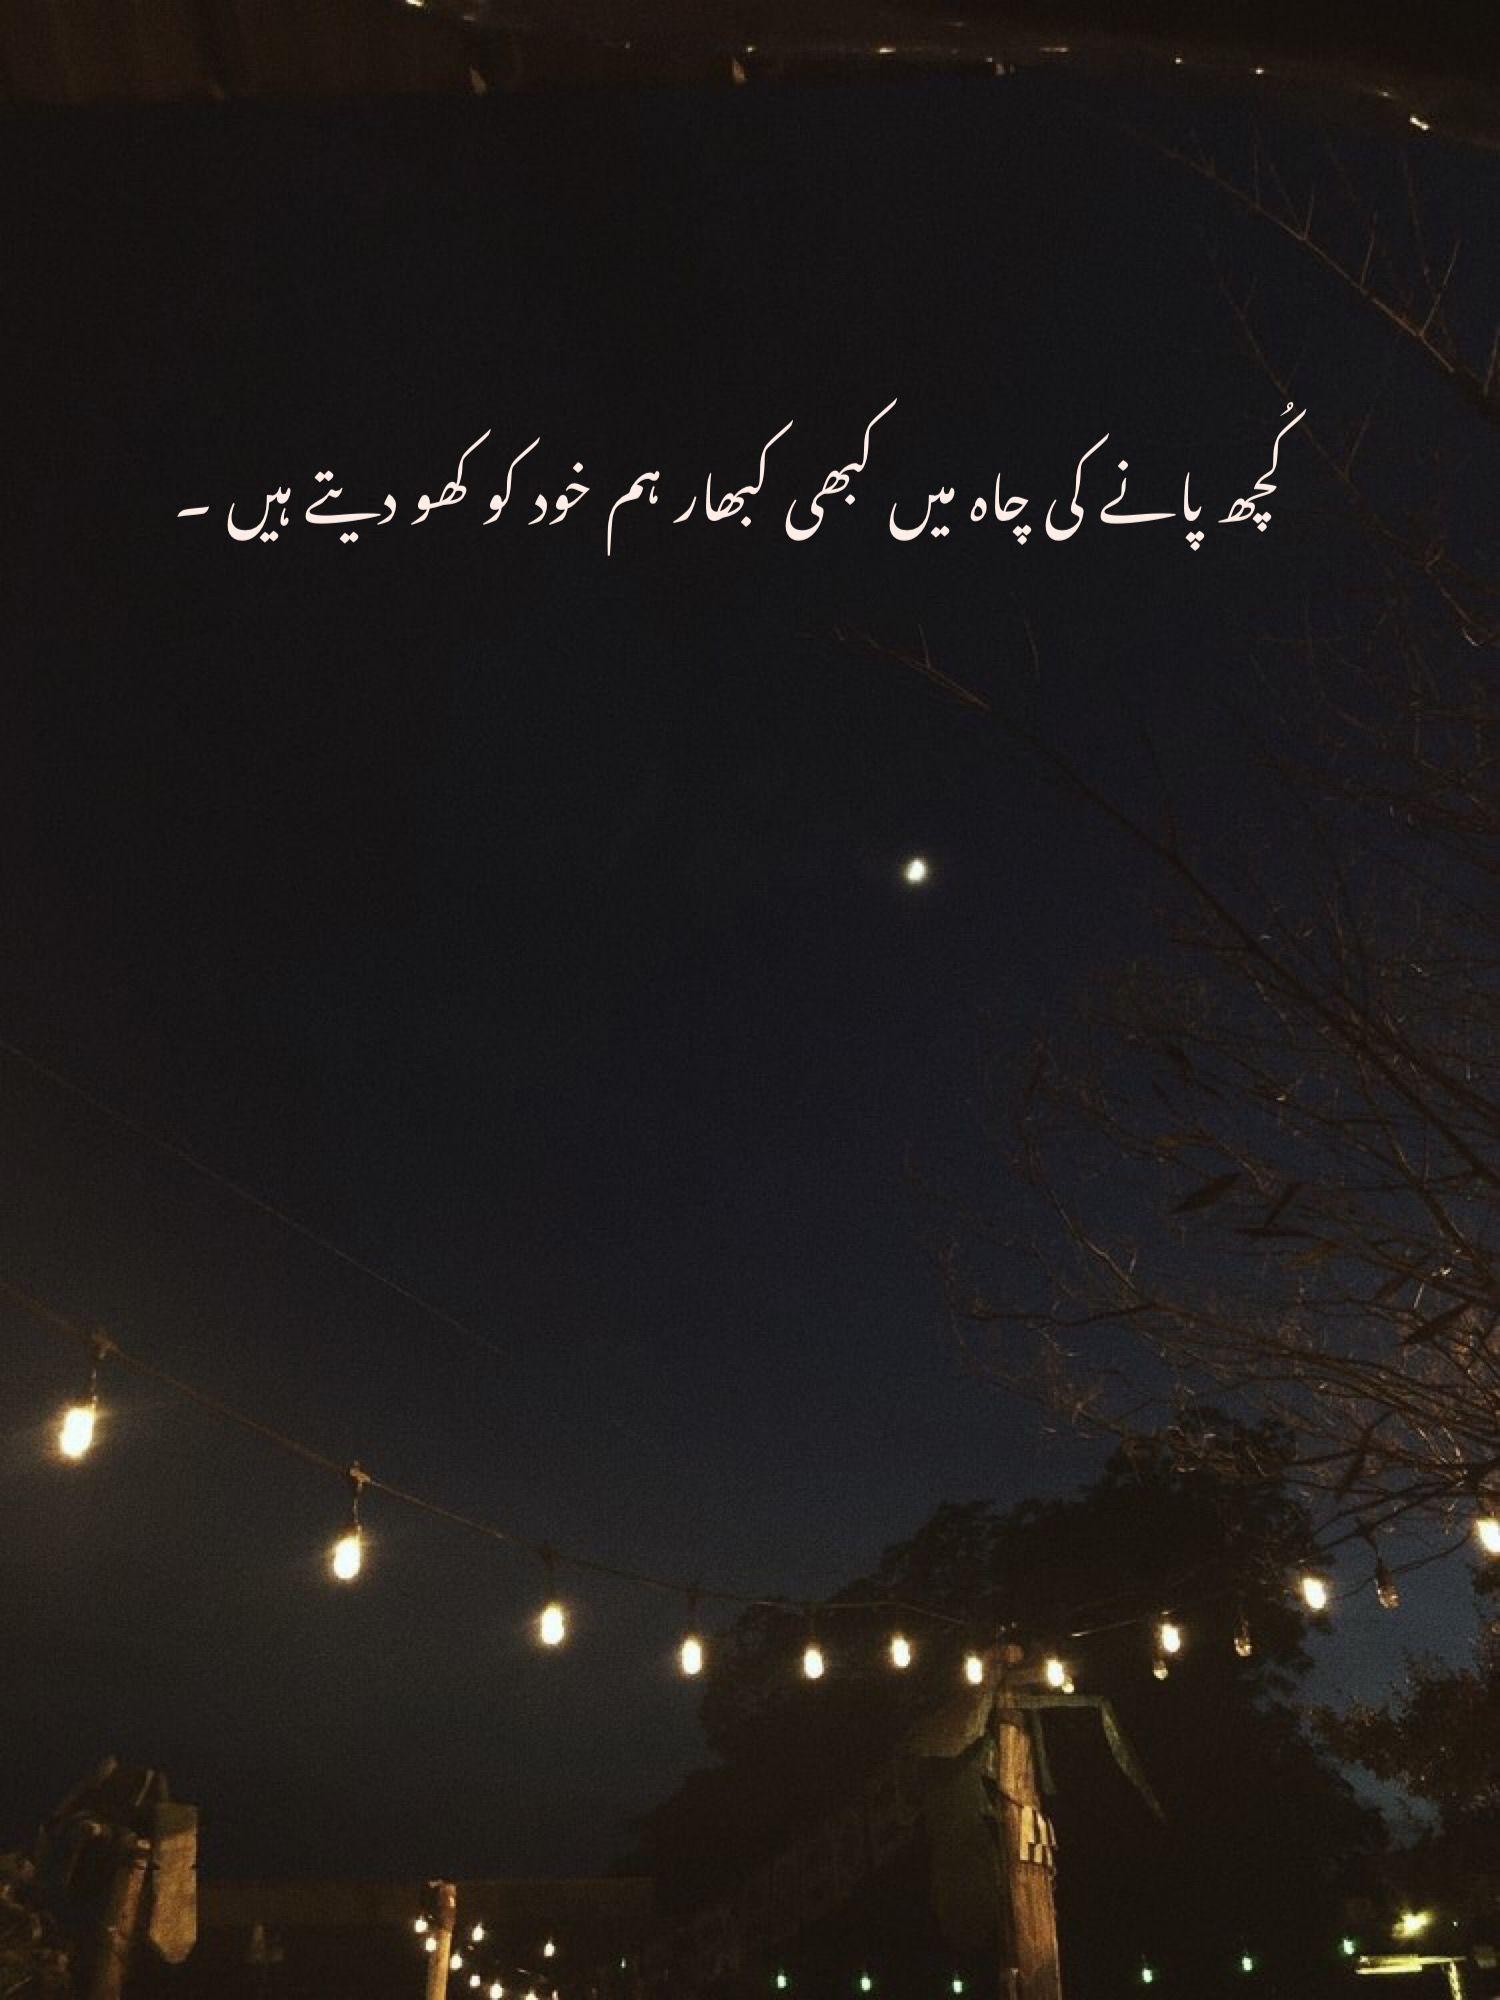 Pin By Malaika B On Poetry Urdu Thoughts Urdu Words Best Urdu Poetry Images